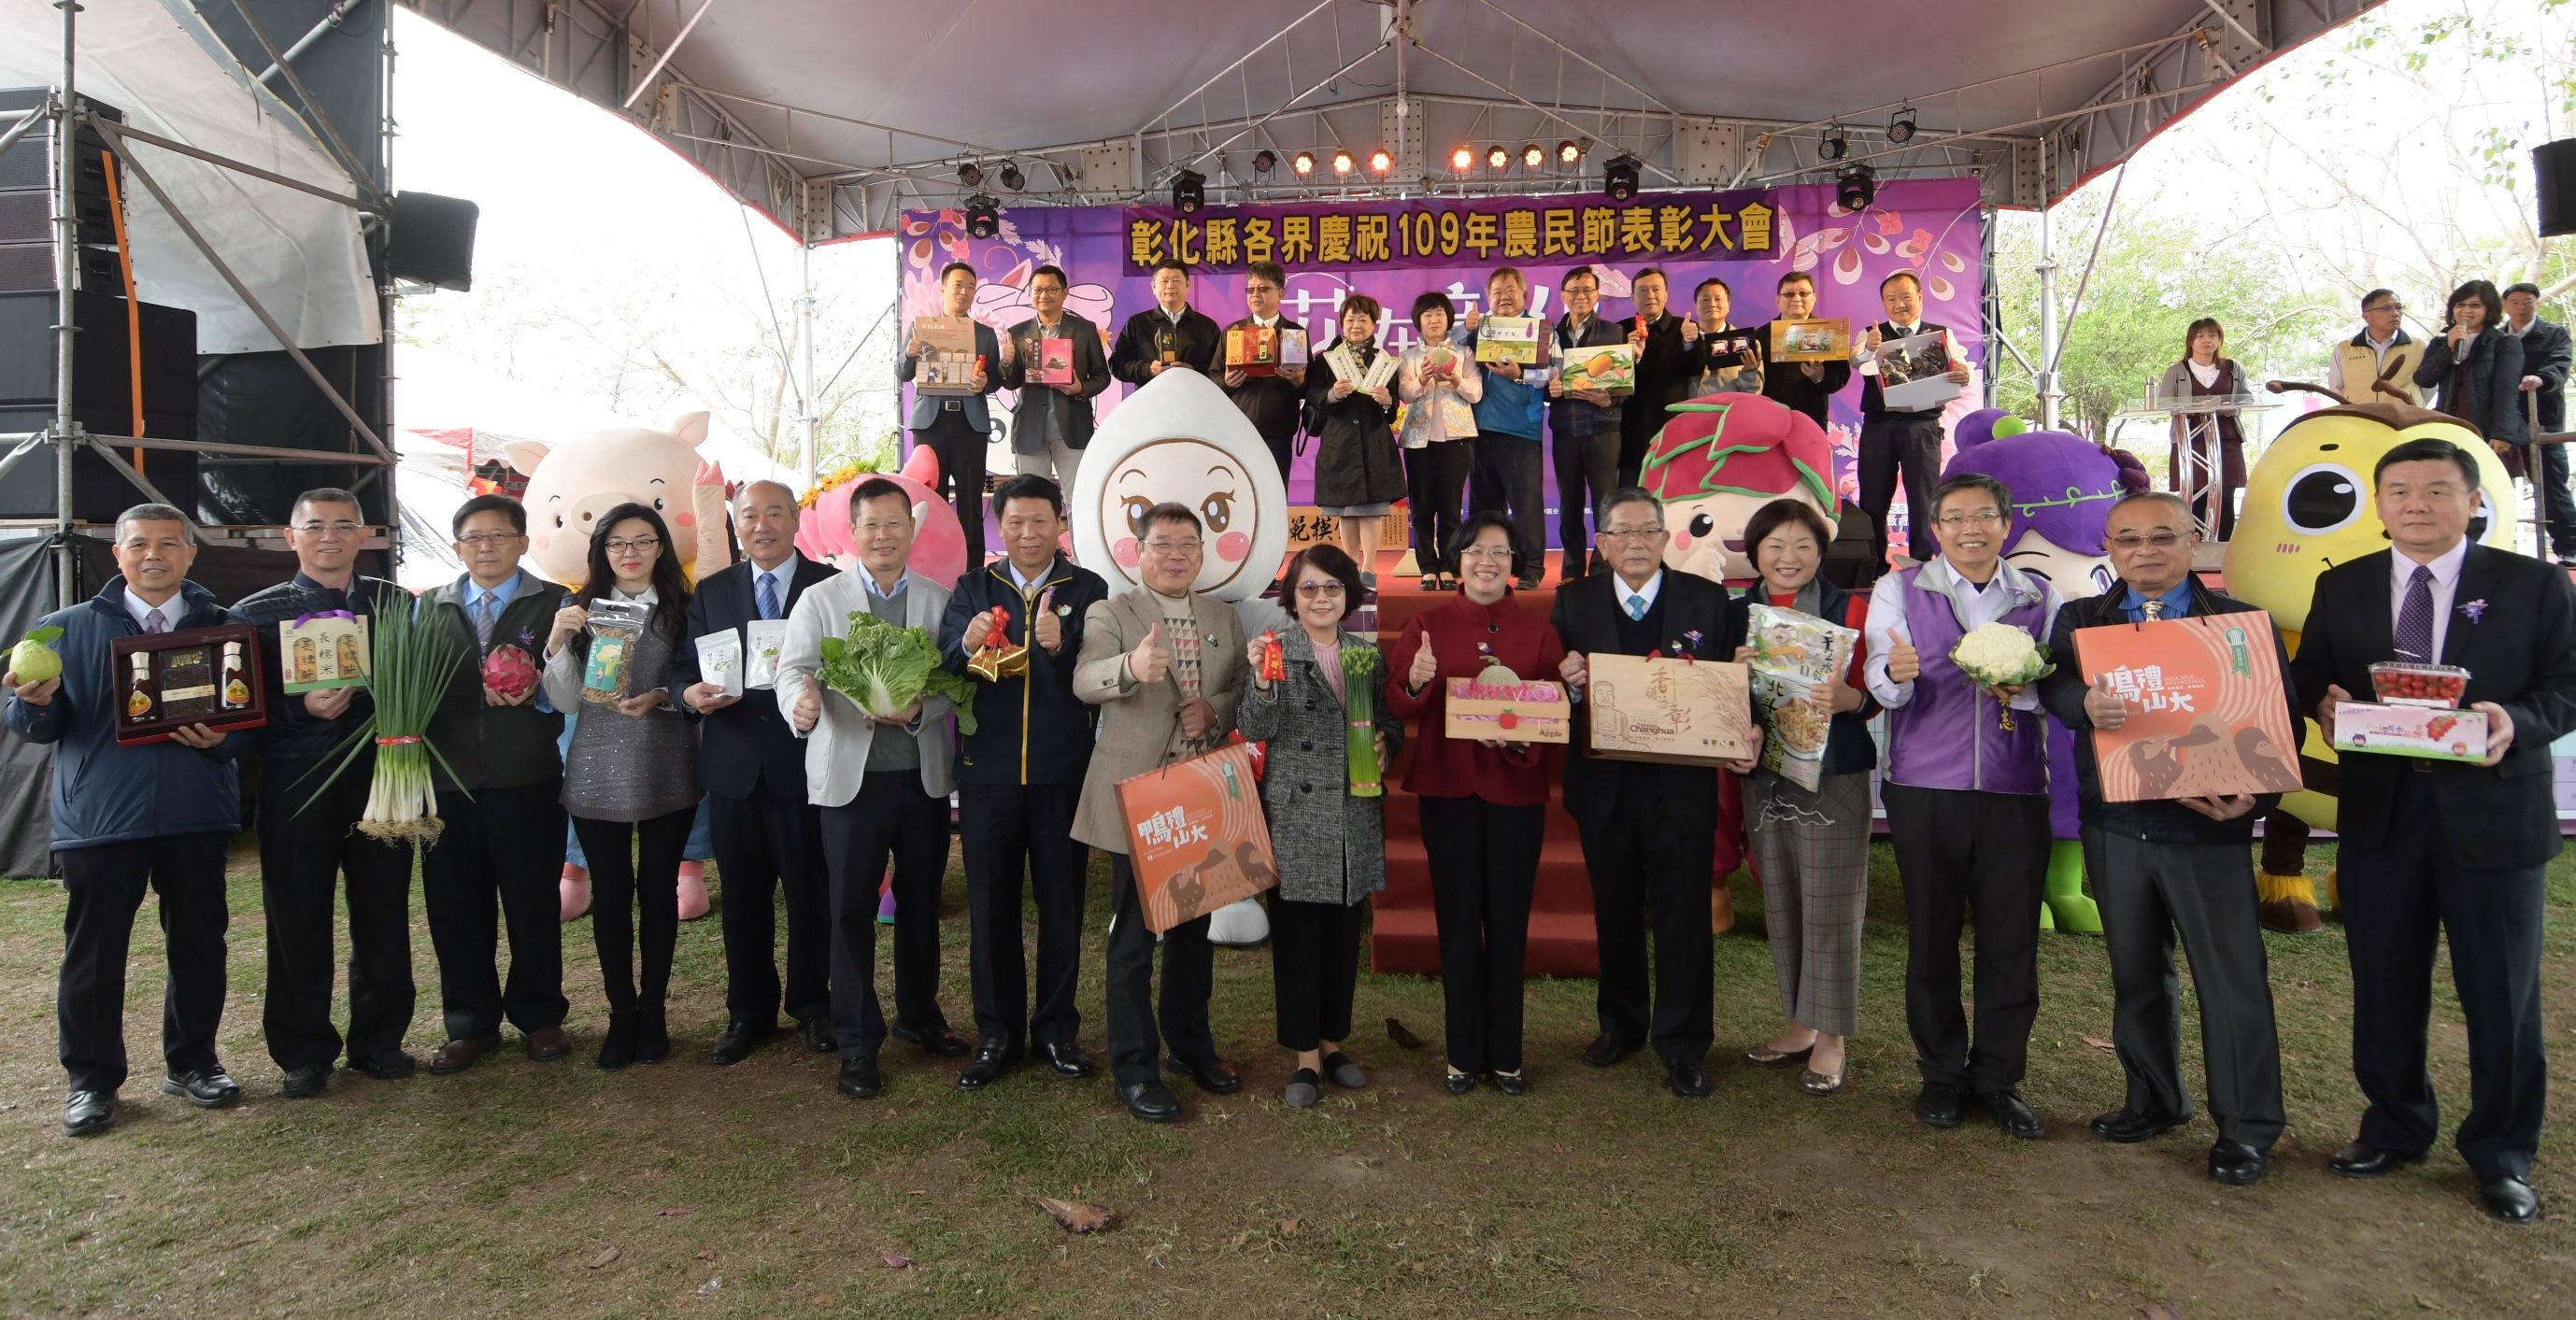 彰化縣各界慶祝109年農民節  表揚優秀農民及農業從業人員